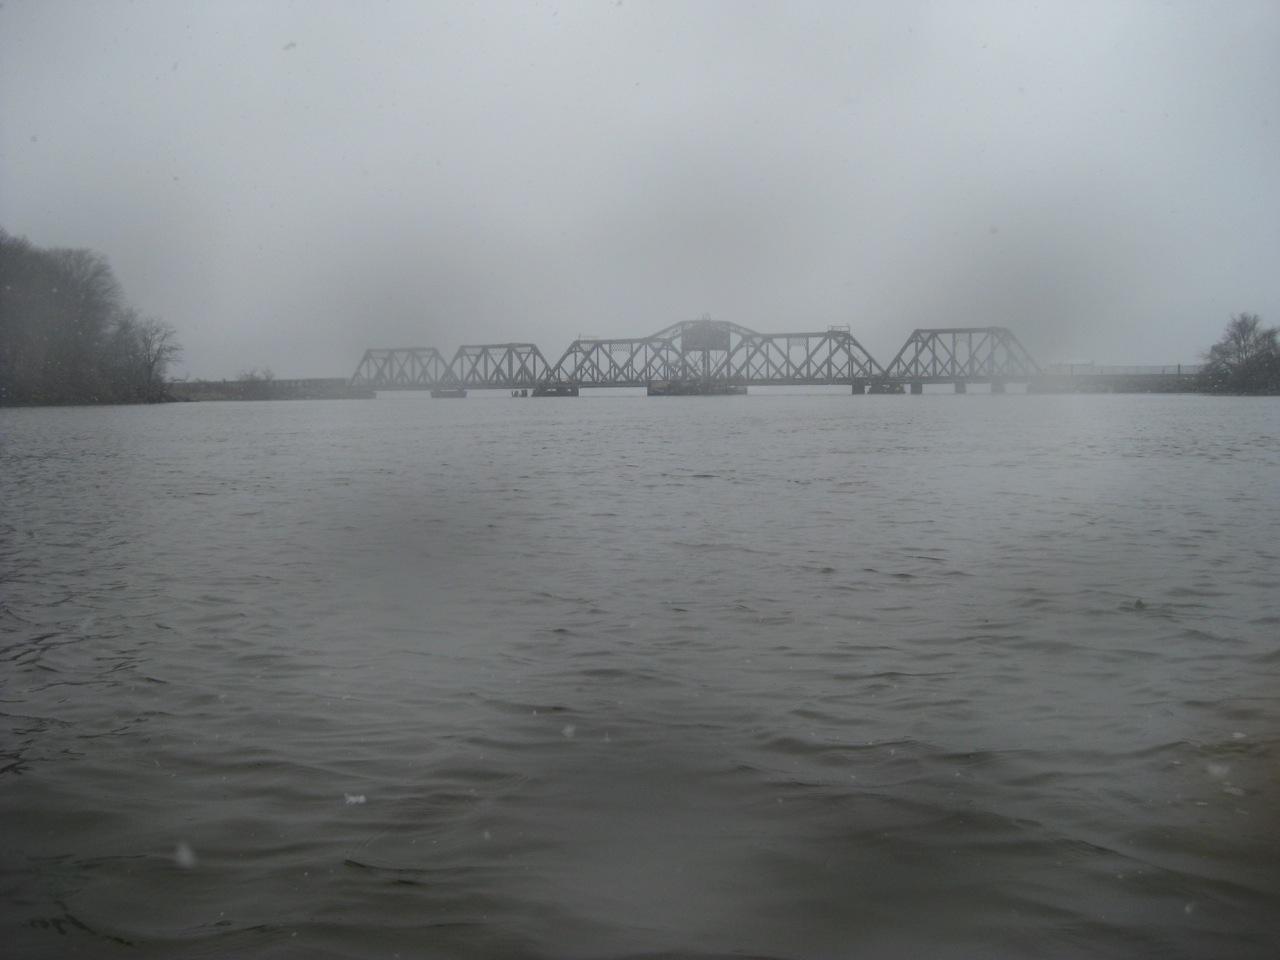 Spuyten Duyvil Bridge.